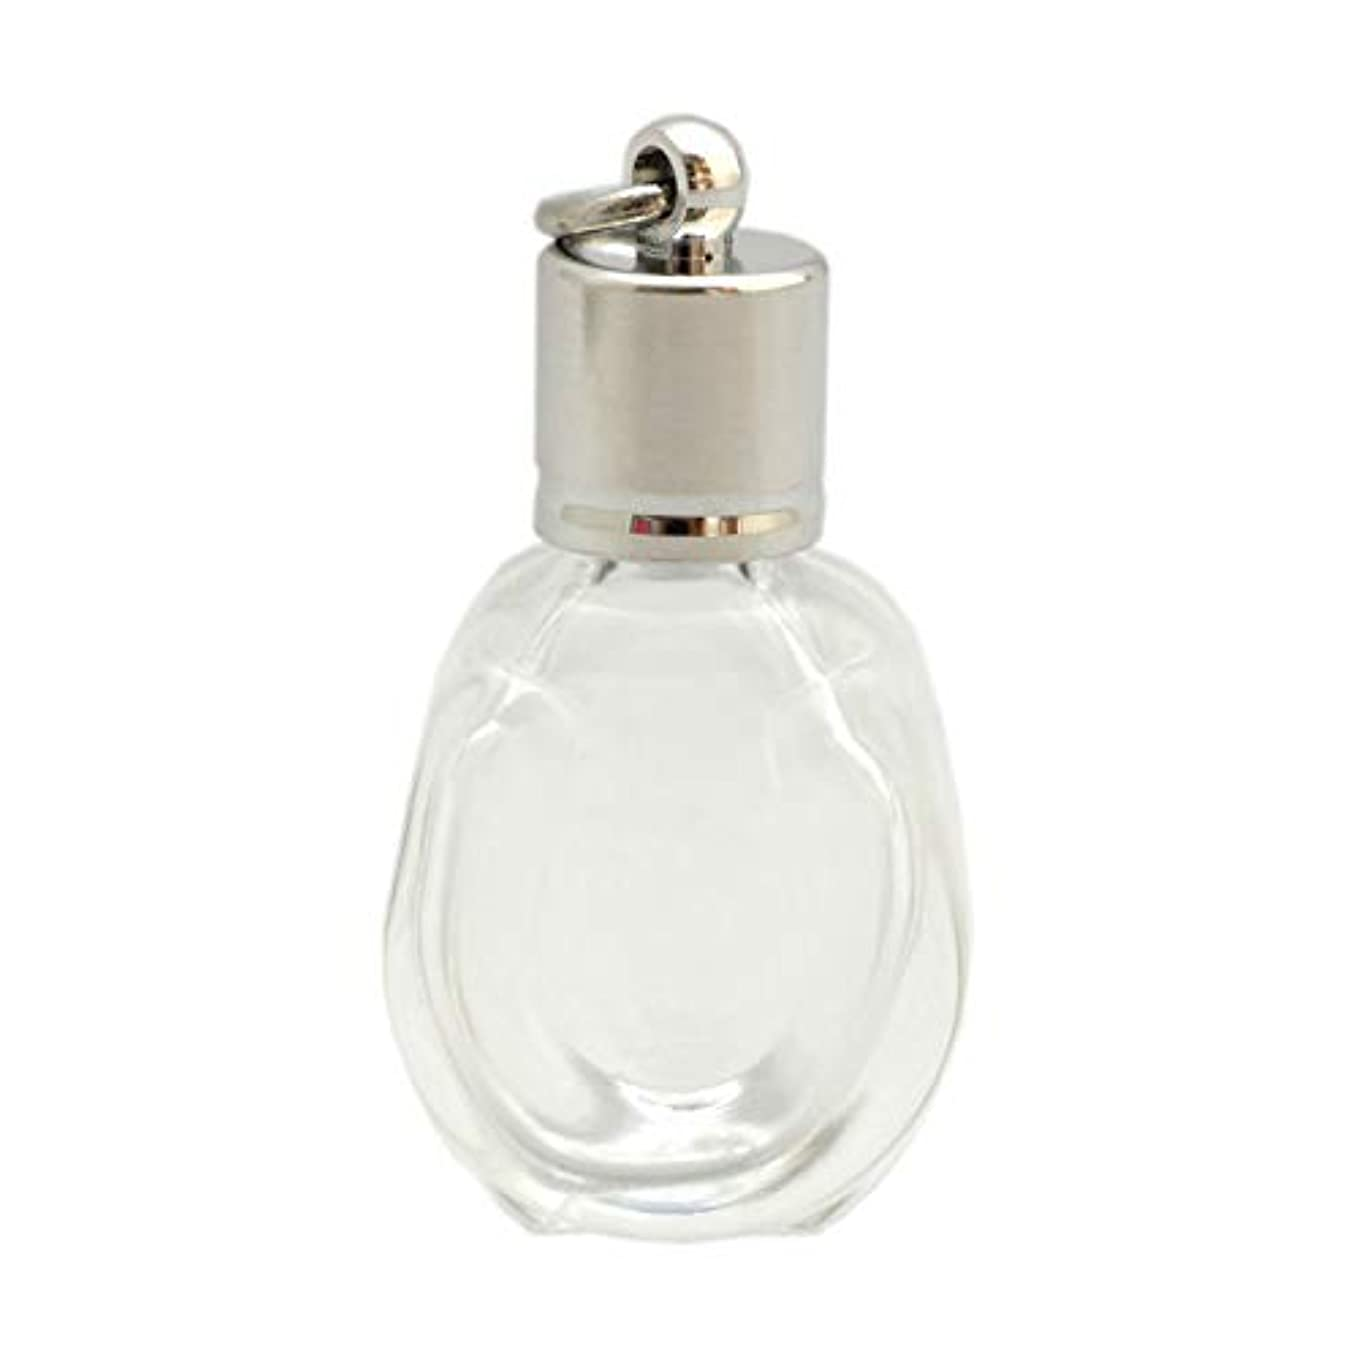 ペナルティお香リングバックミニ香水瓶 アロマペンダントトップ 馬蹄型(透明 容量1.3ml)×穴あきキャップ シルバー